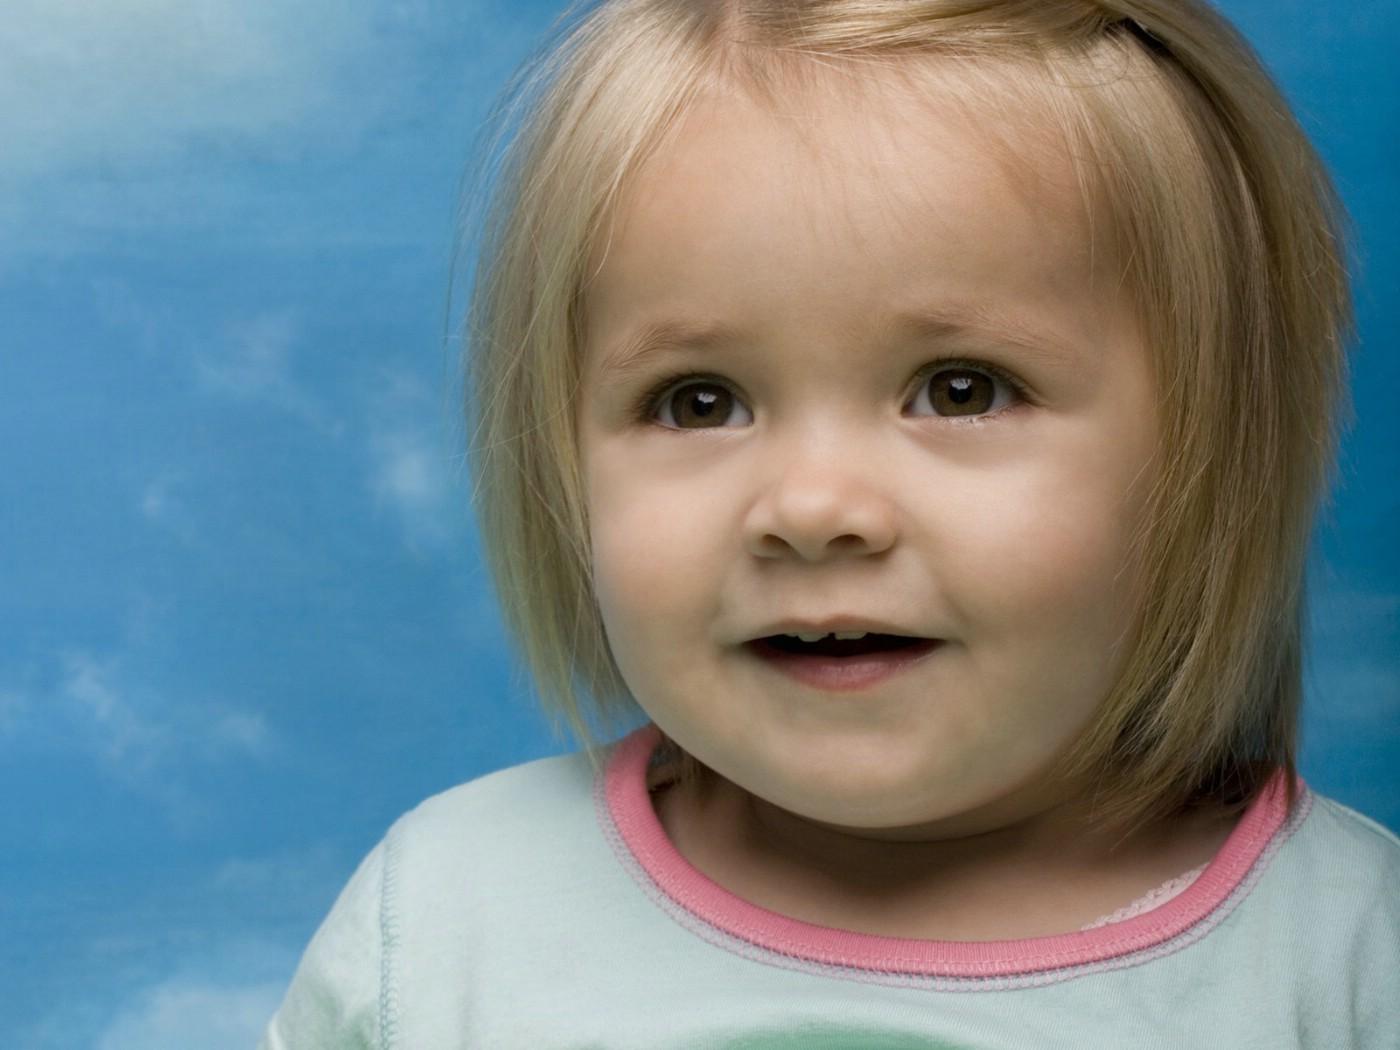 外国小孩的qq号_壁纸1400×1050可爱小孩大头照壁纸壁纸,国外儿童摄影壁纸(第二辑 ...